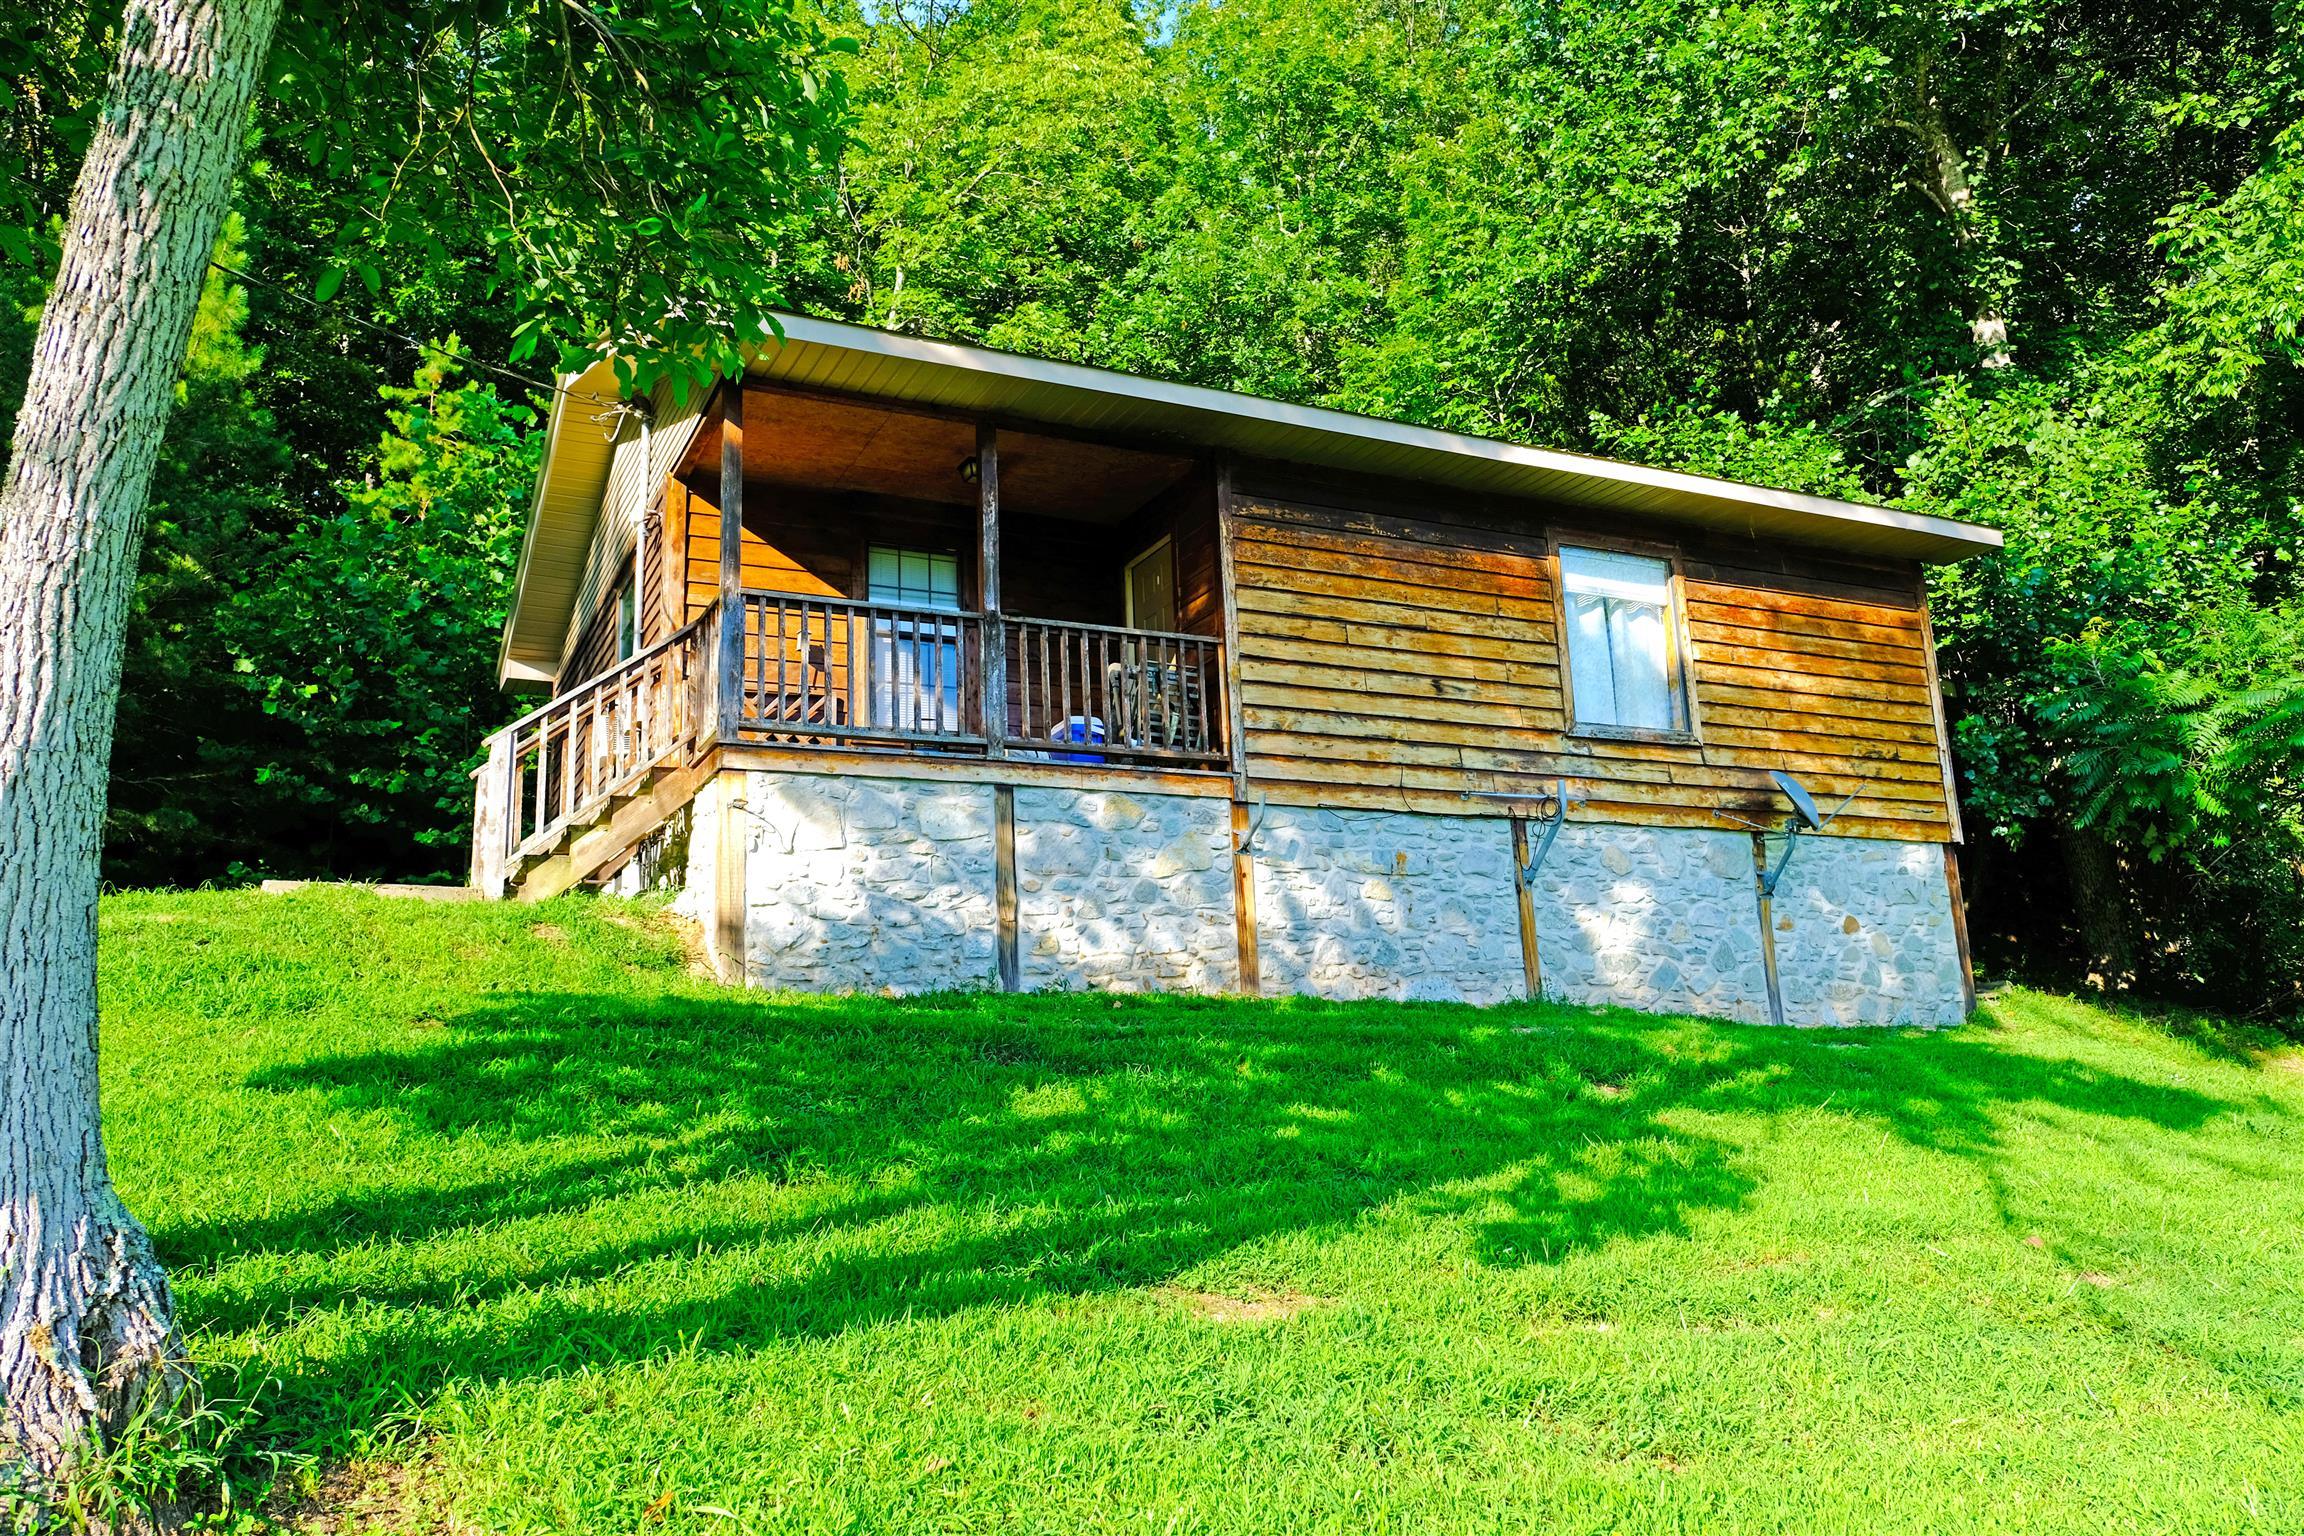 9009 Highway 412 E, Linden, TN 37096 - Linden, TN real estate listing